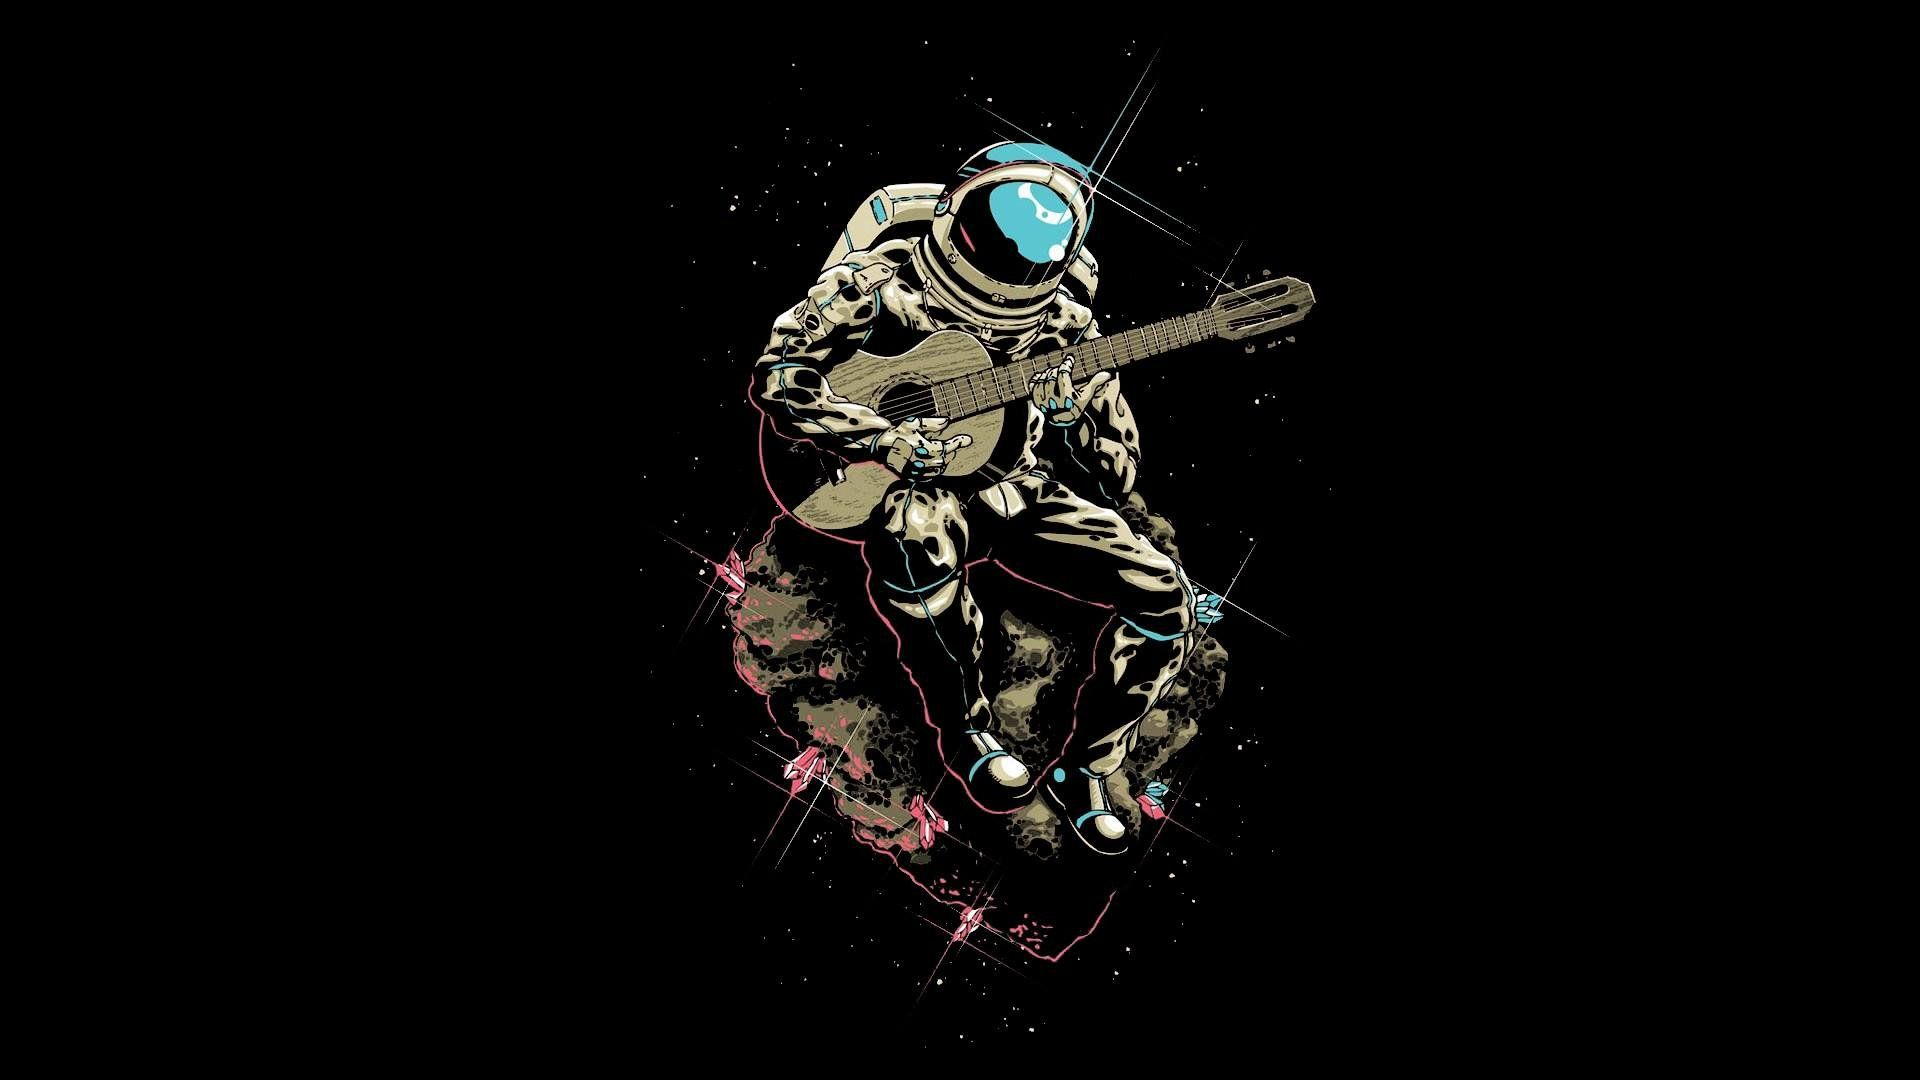 Astronaut Plays Guitar High Def Wallpaper Pinterest Astronaut